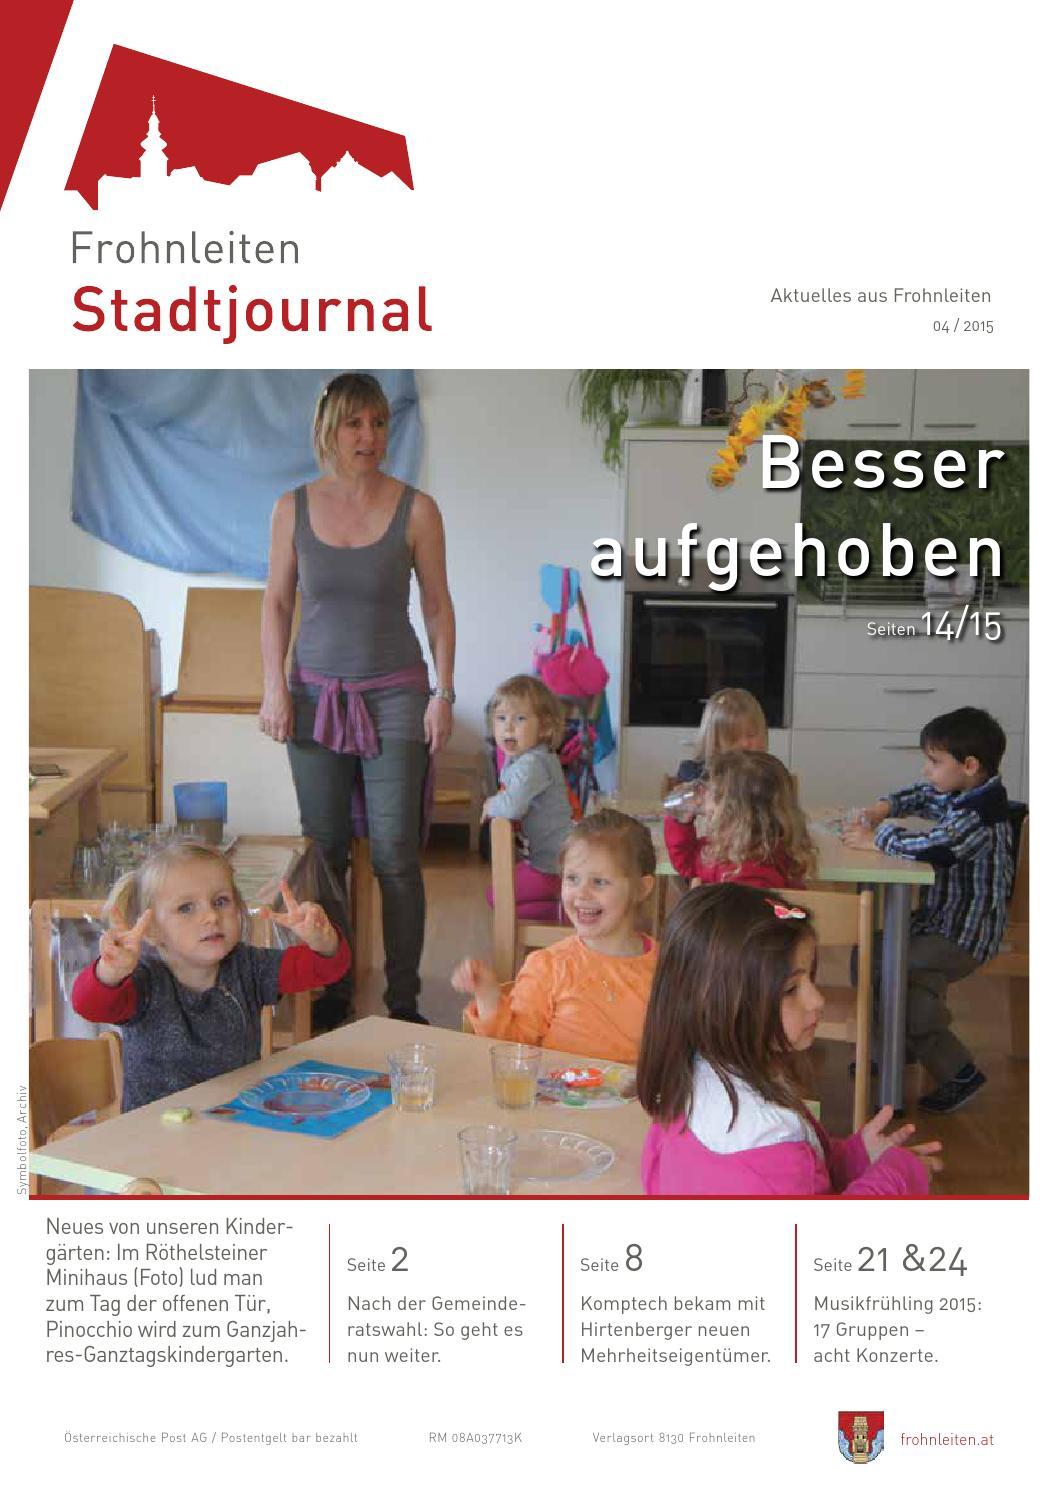 Single event kottingbrunn - Stra-spielfeld professionelle